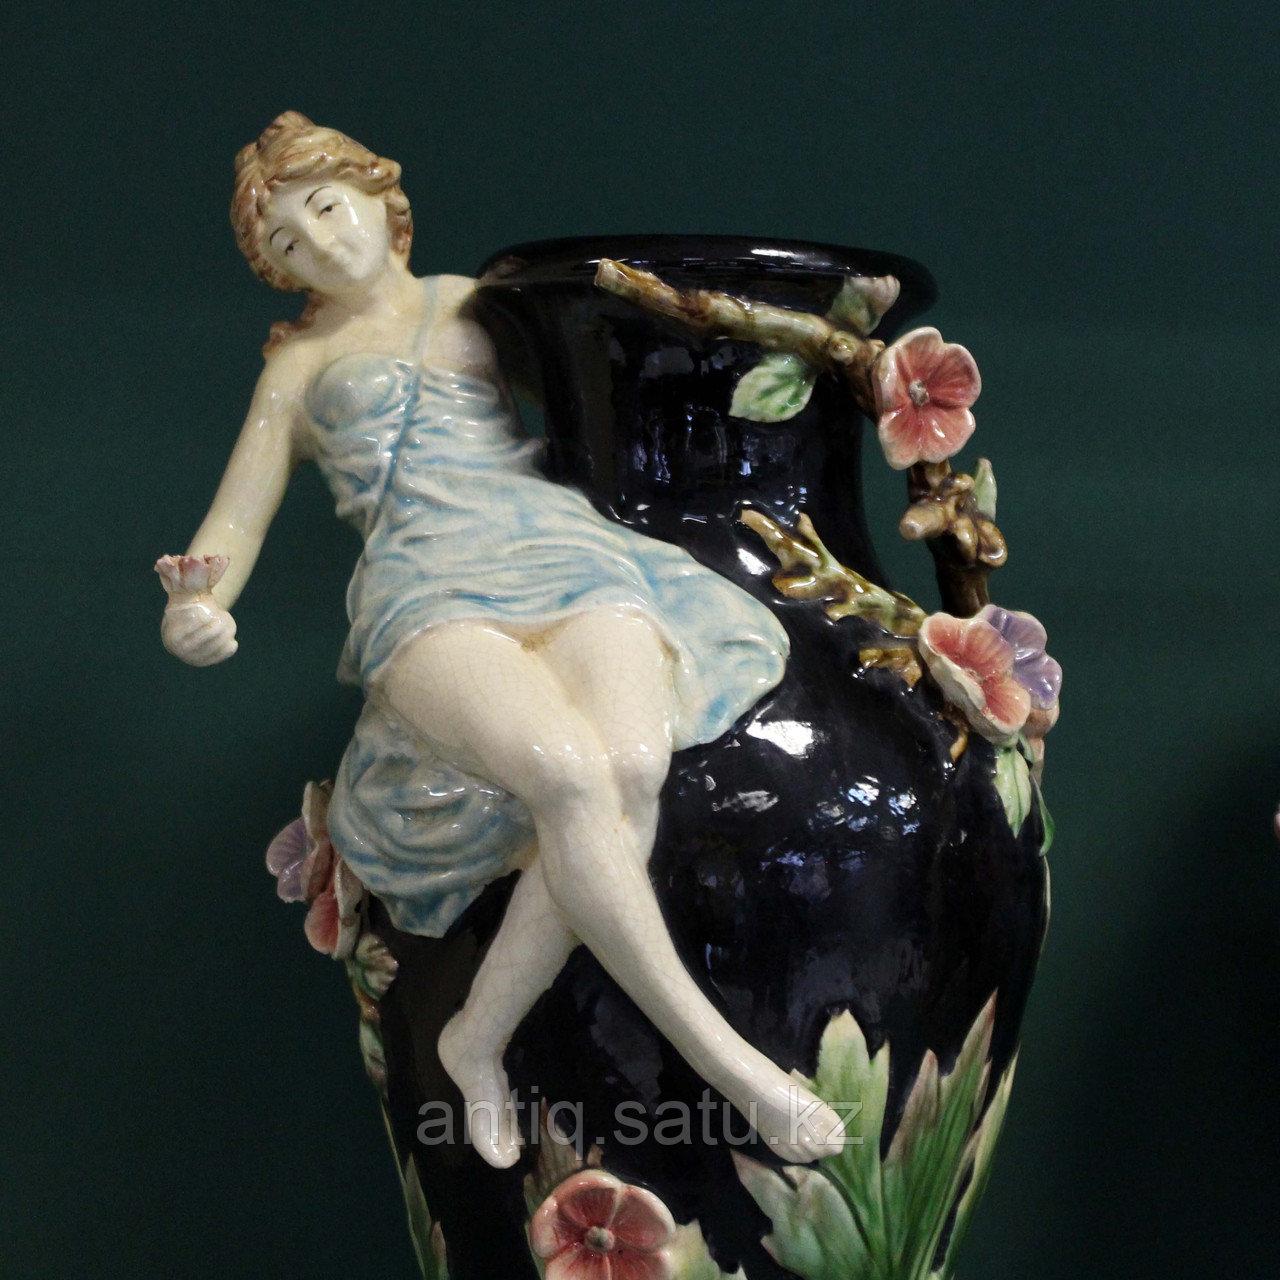 Парные вазы в стиле Барботин. ХХ век - фото 2